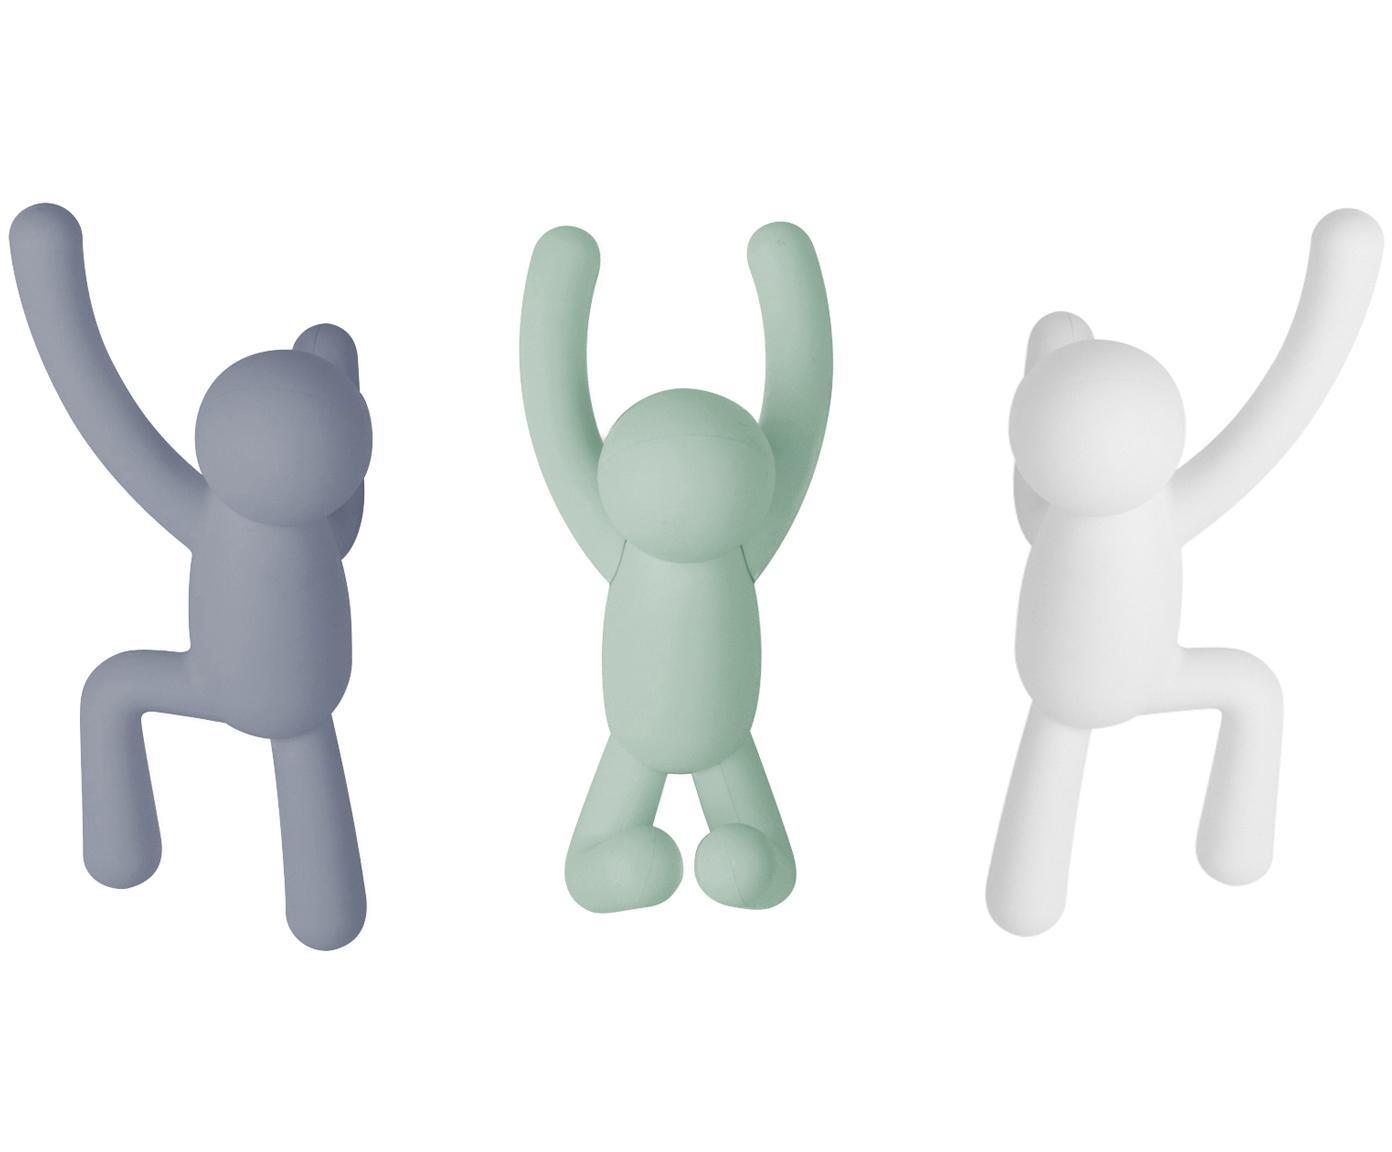 Set de colgadores de diseño Buddy, 3pzas., Plástico ABS, Azul, verde menta, blanco, Tamaños diferentes